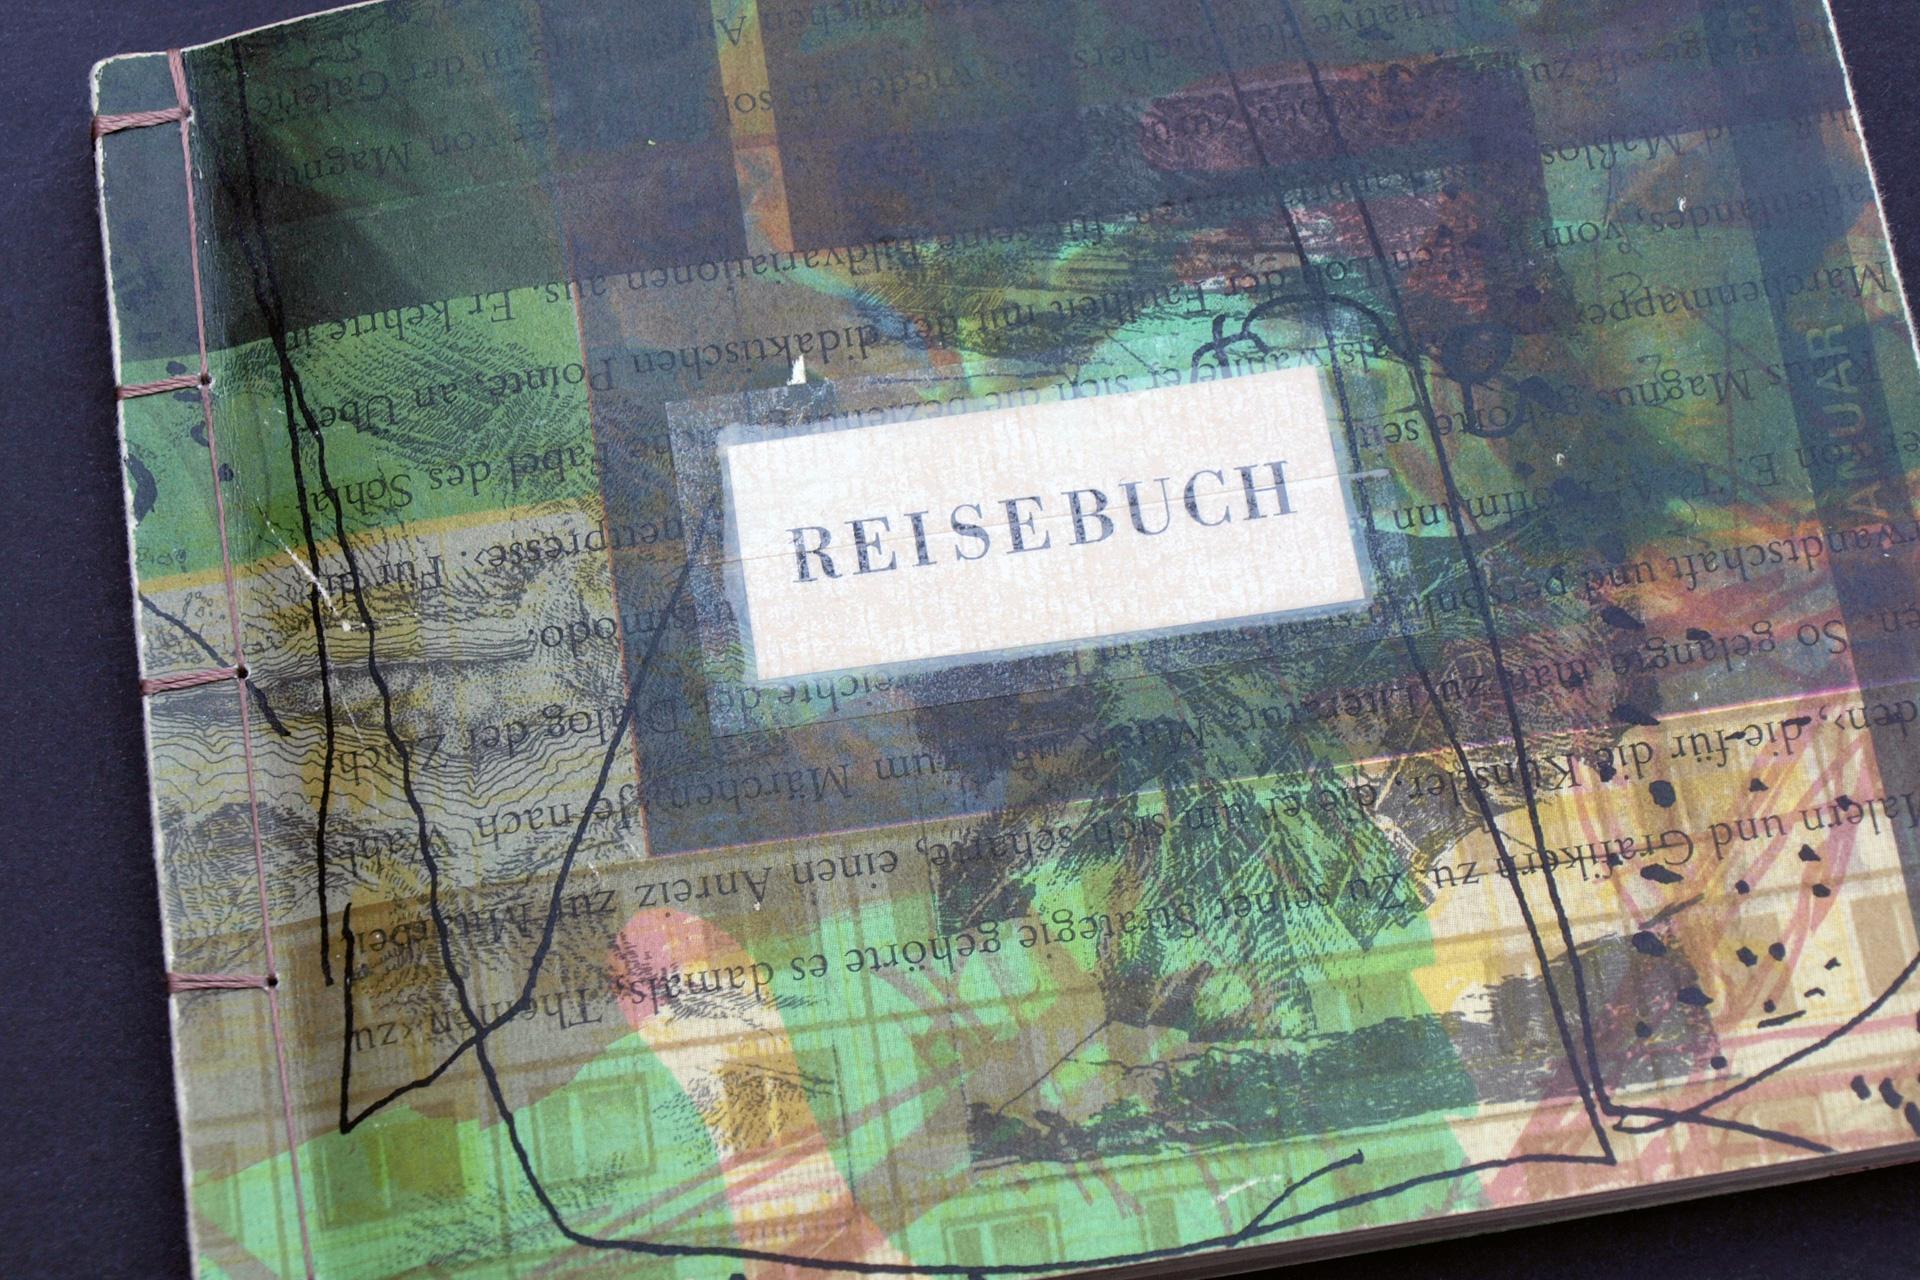 buchstabenplus, Reisebuch